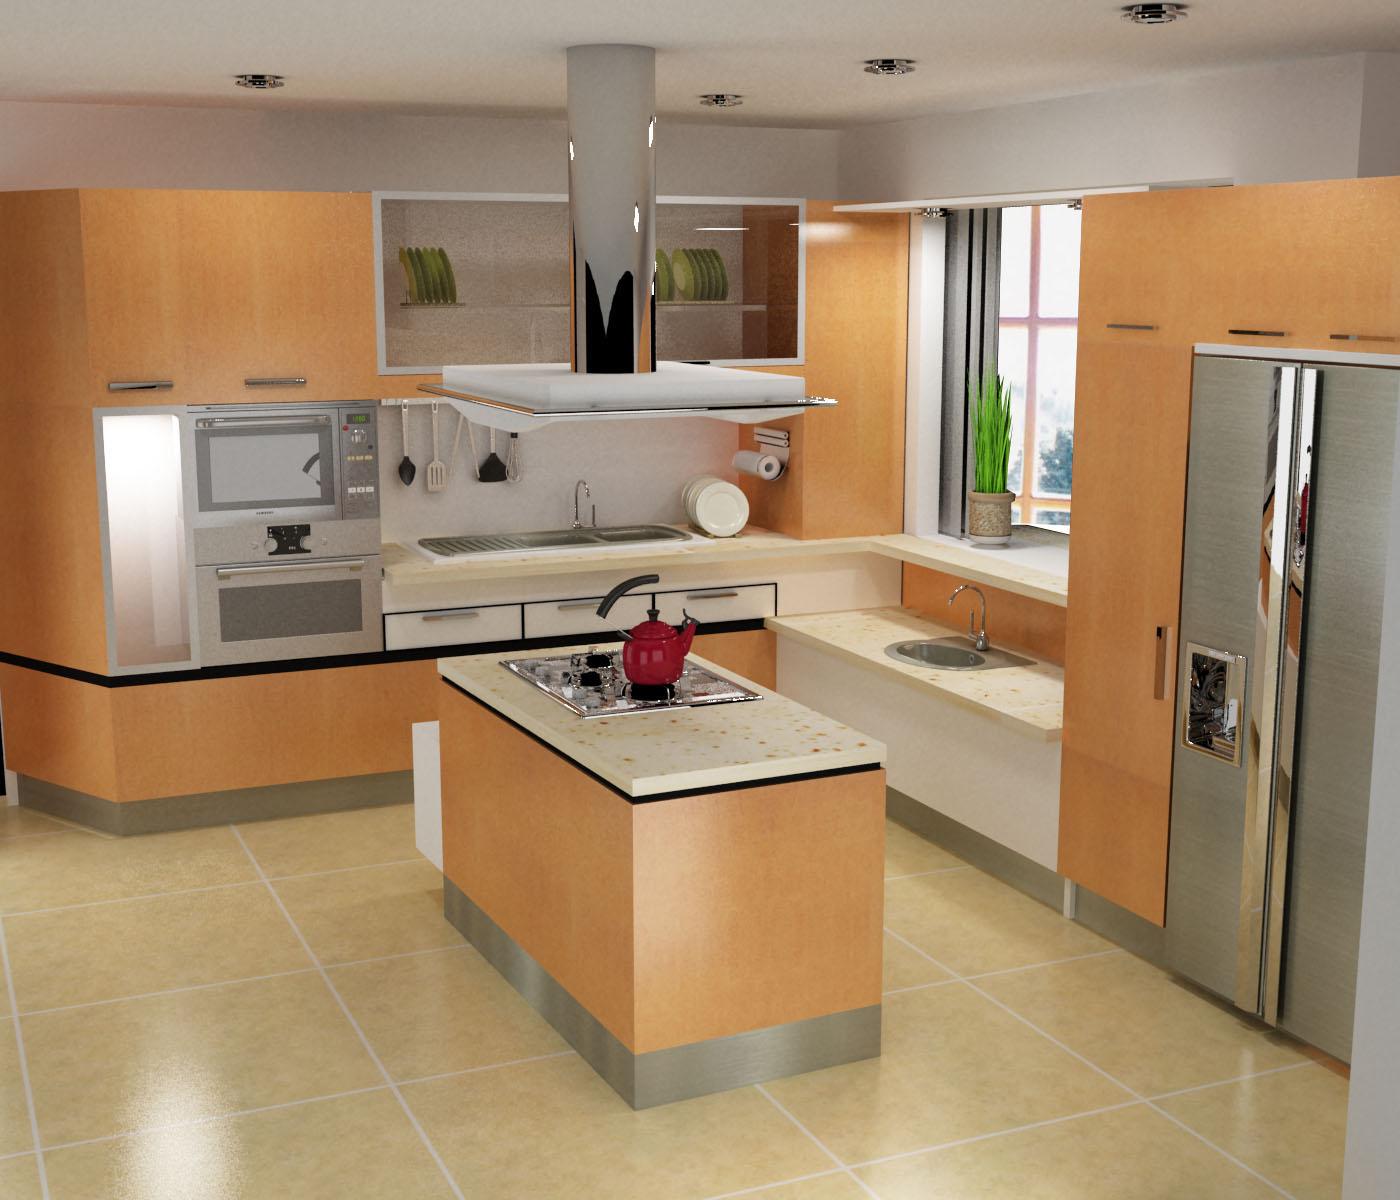 Remodelaciones de cocinas integrando la cocina a la sala for Diseno banos y cocinas